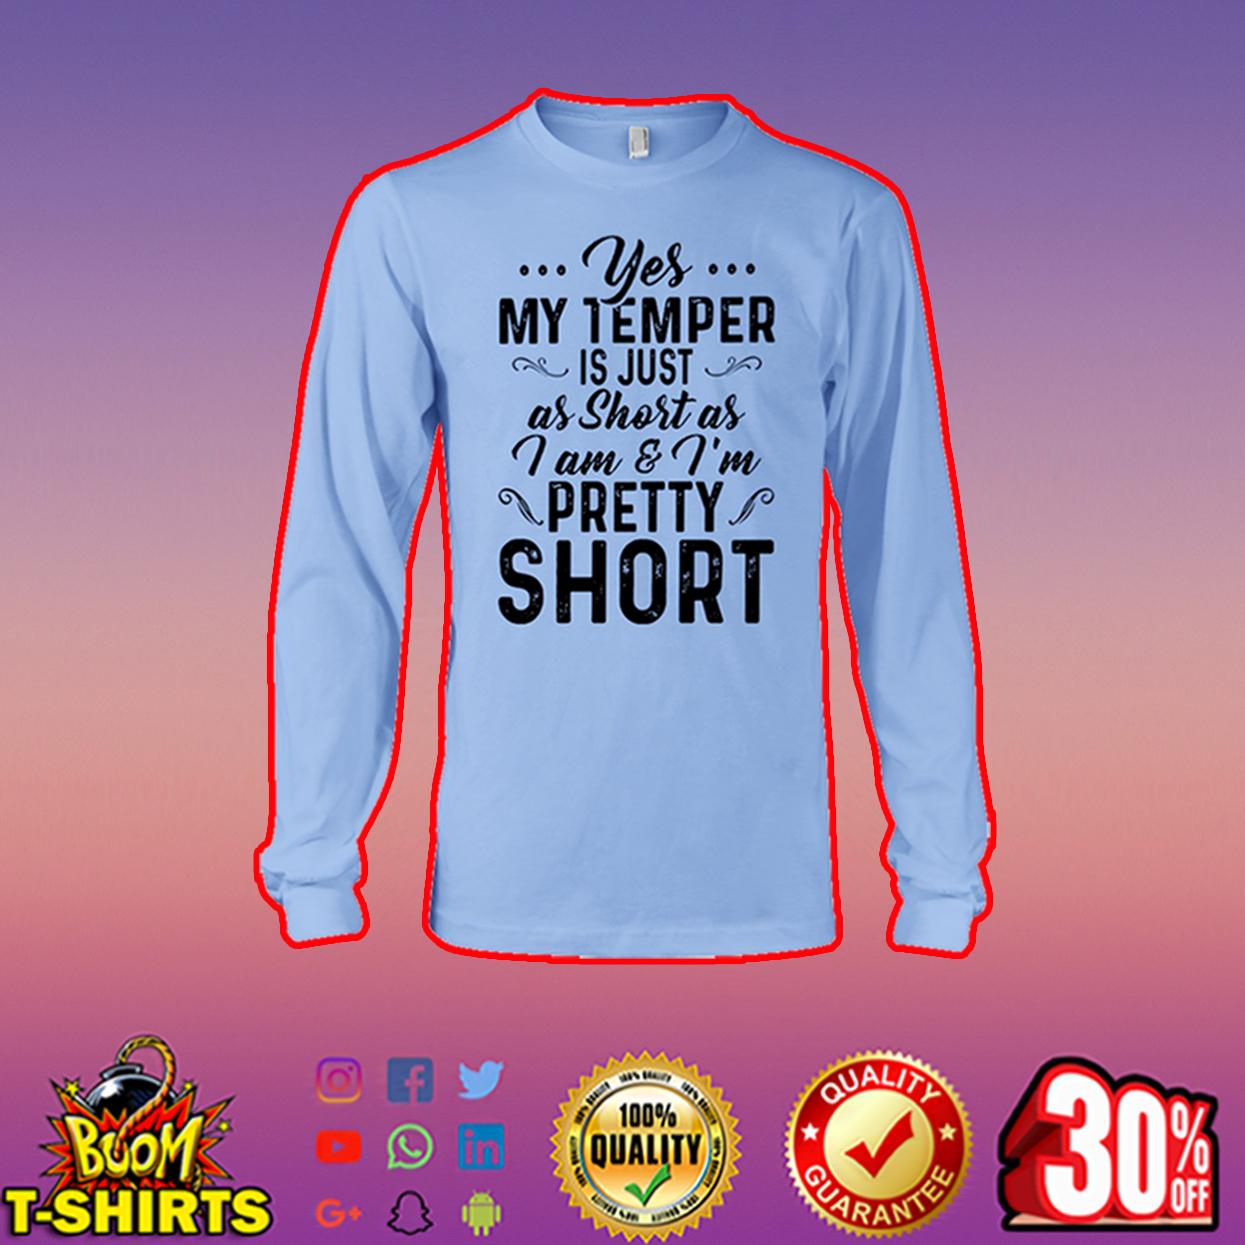 Yes my temper is just as short as I am and I'm pretty short long sleeve tee